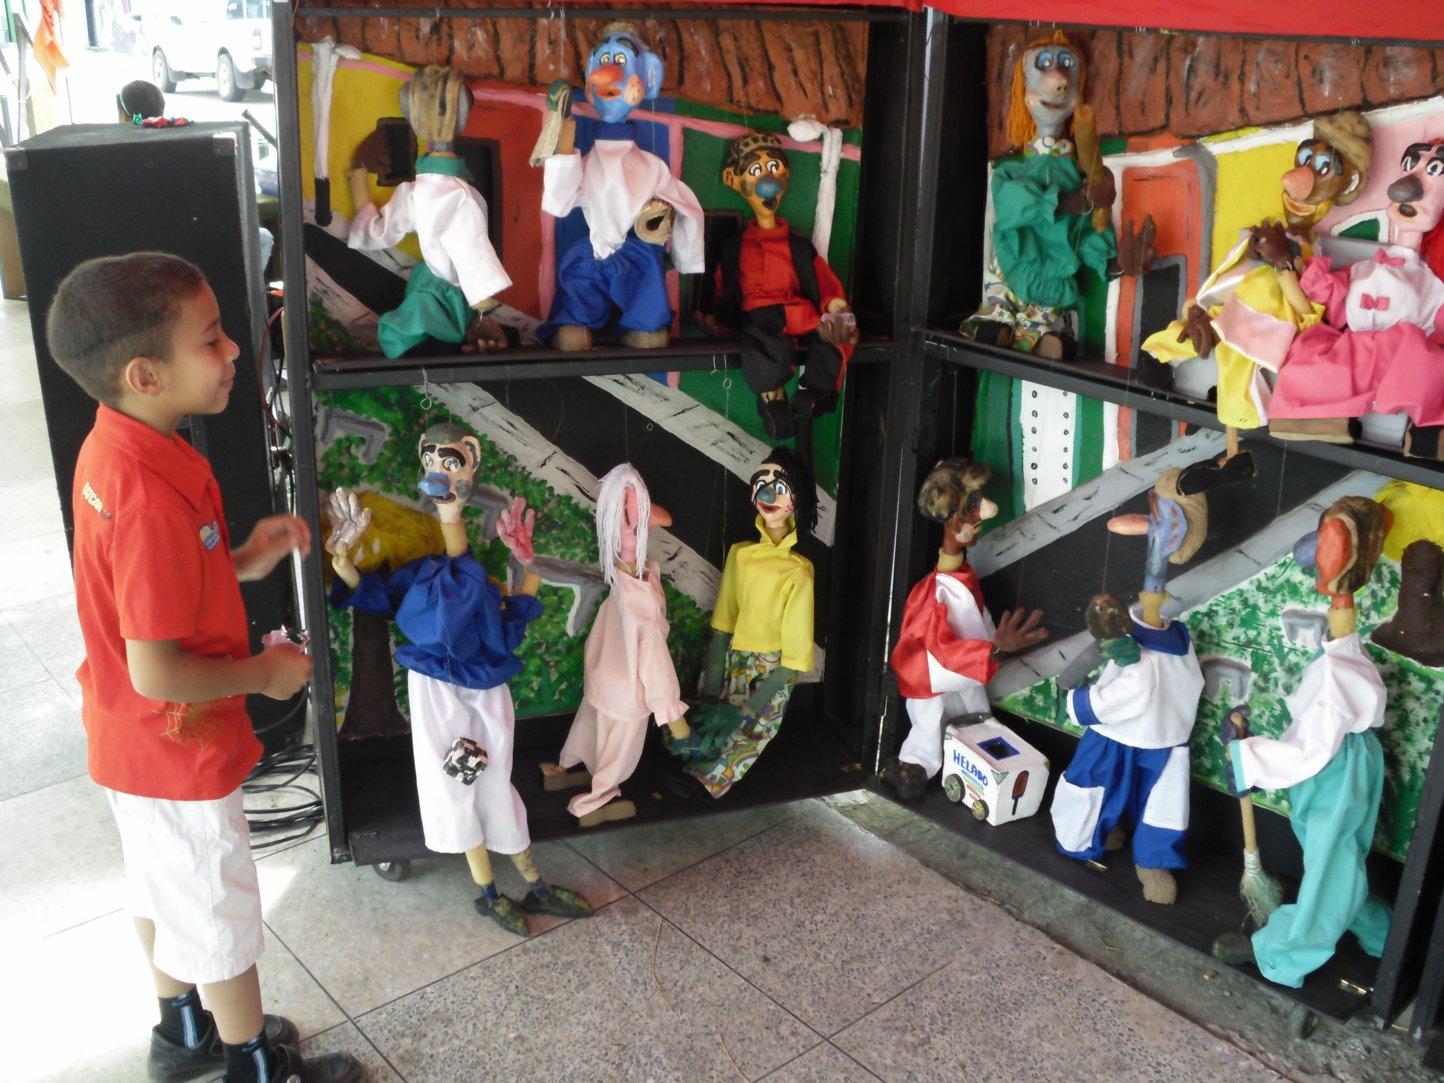 resumen de la cultura guyana